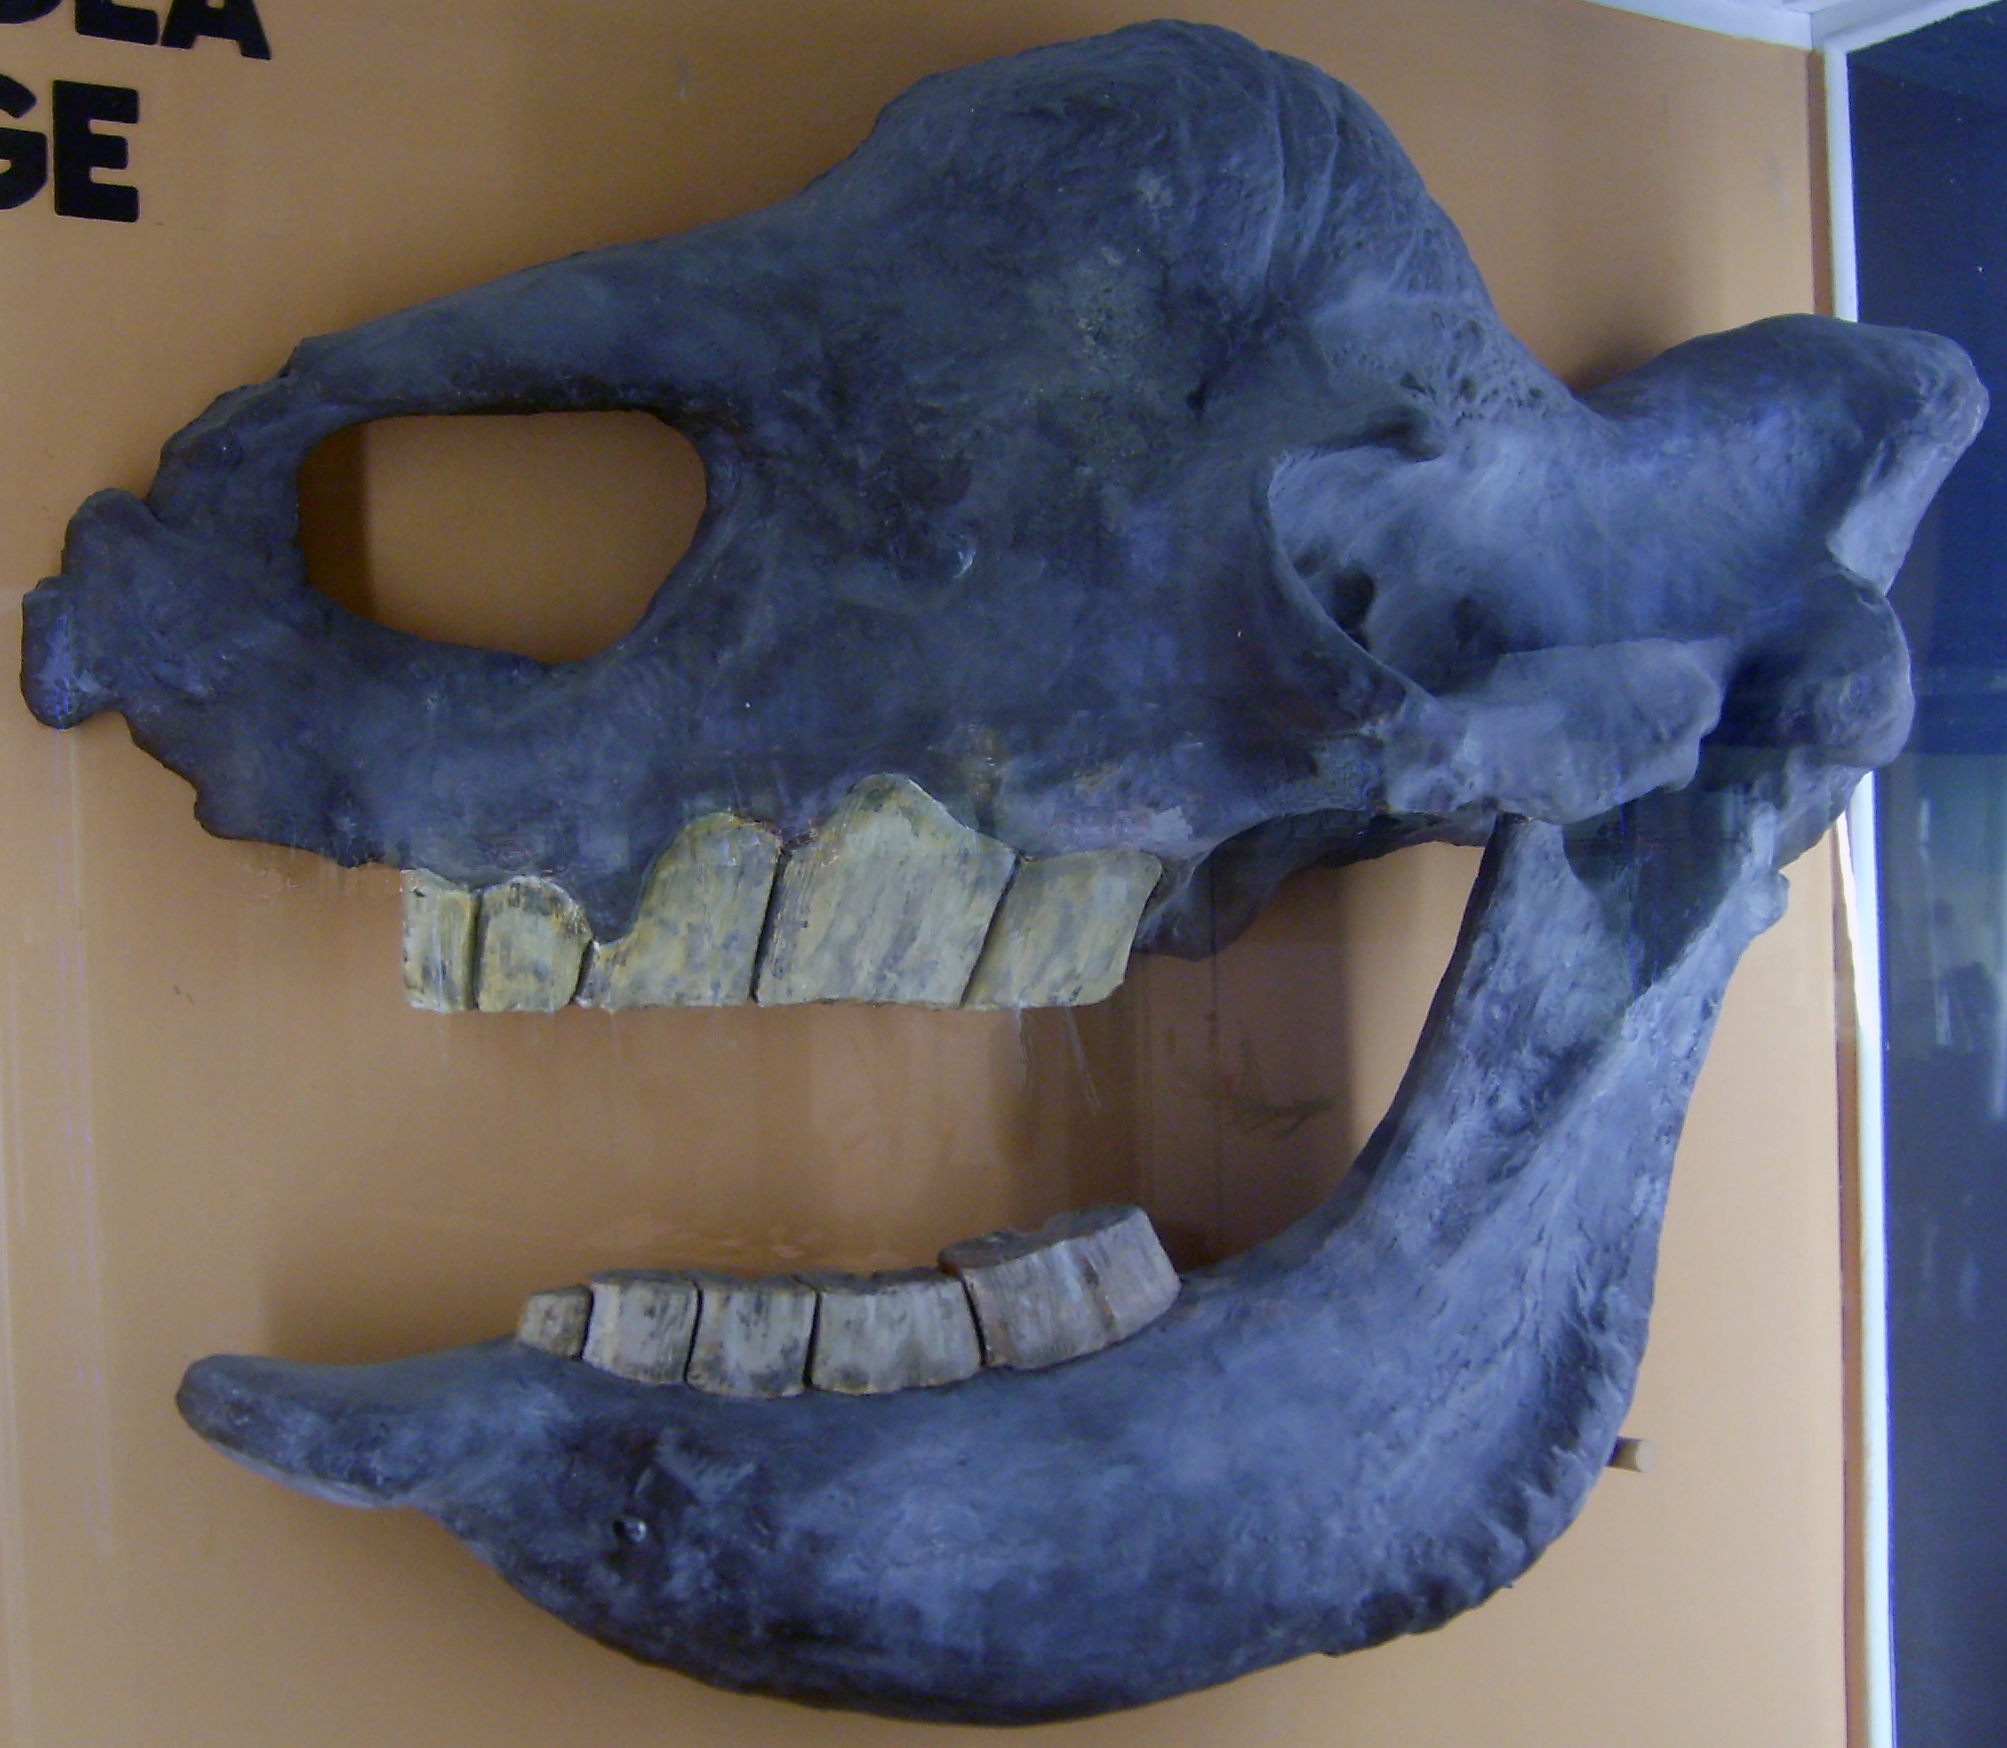 Elasmotherium_sibiricum_skull.jpg